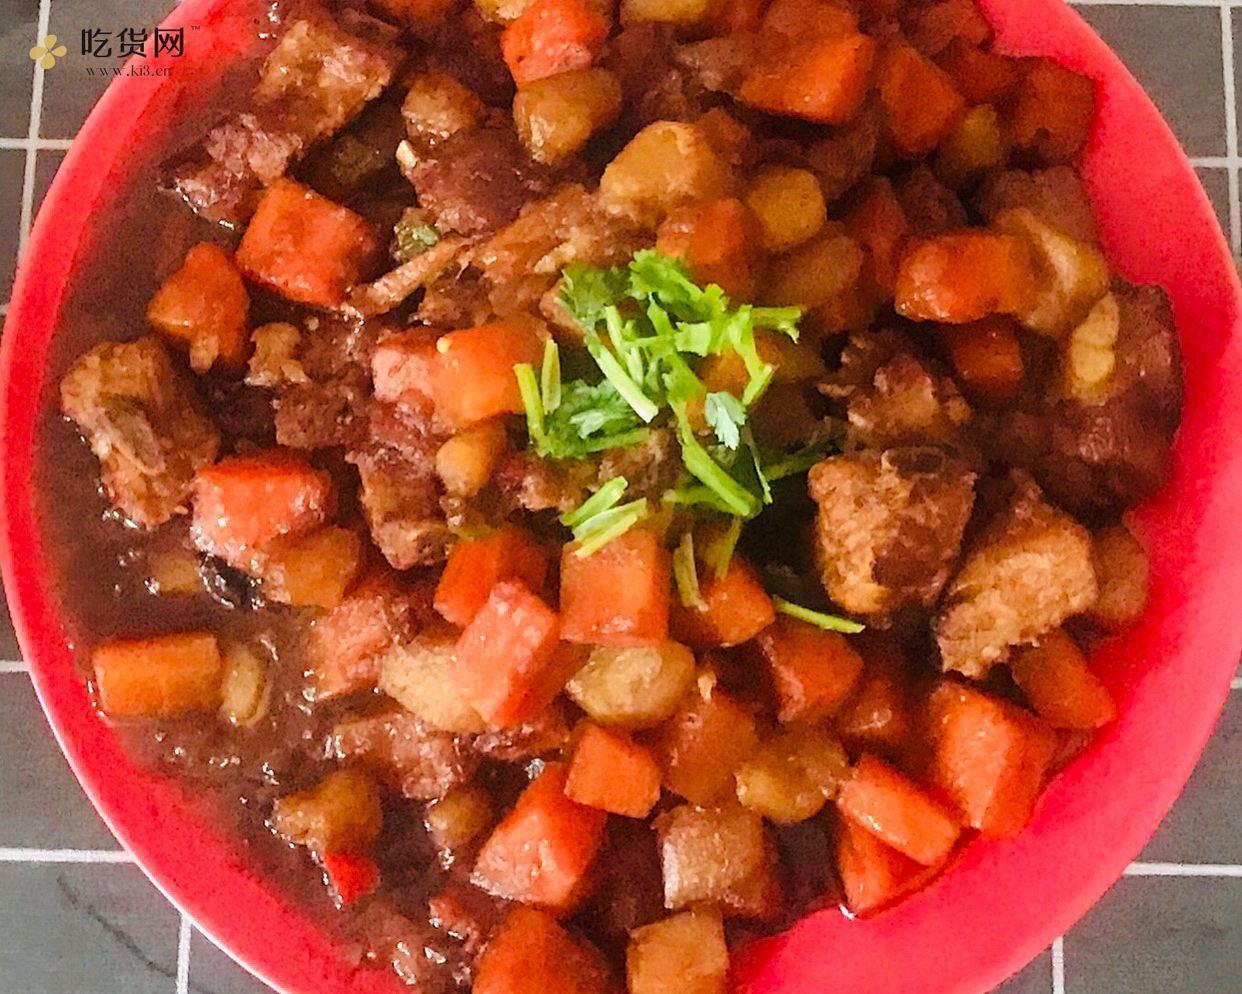 红烧排骨 土豆胡萝卜的做法 步骤8